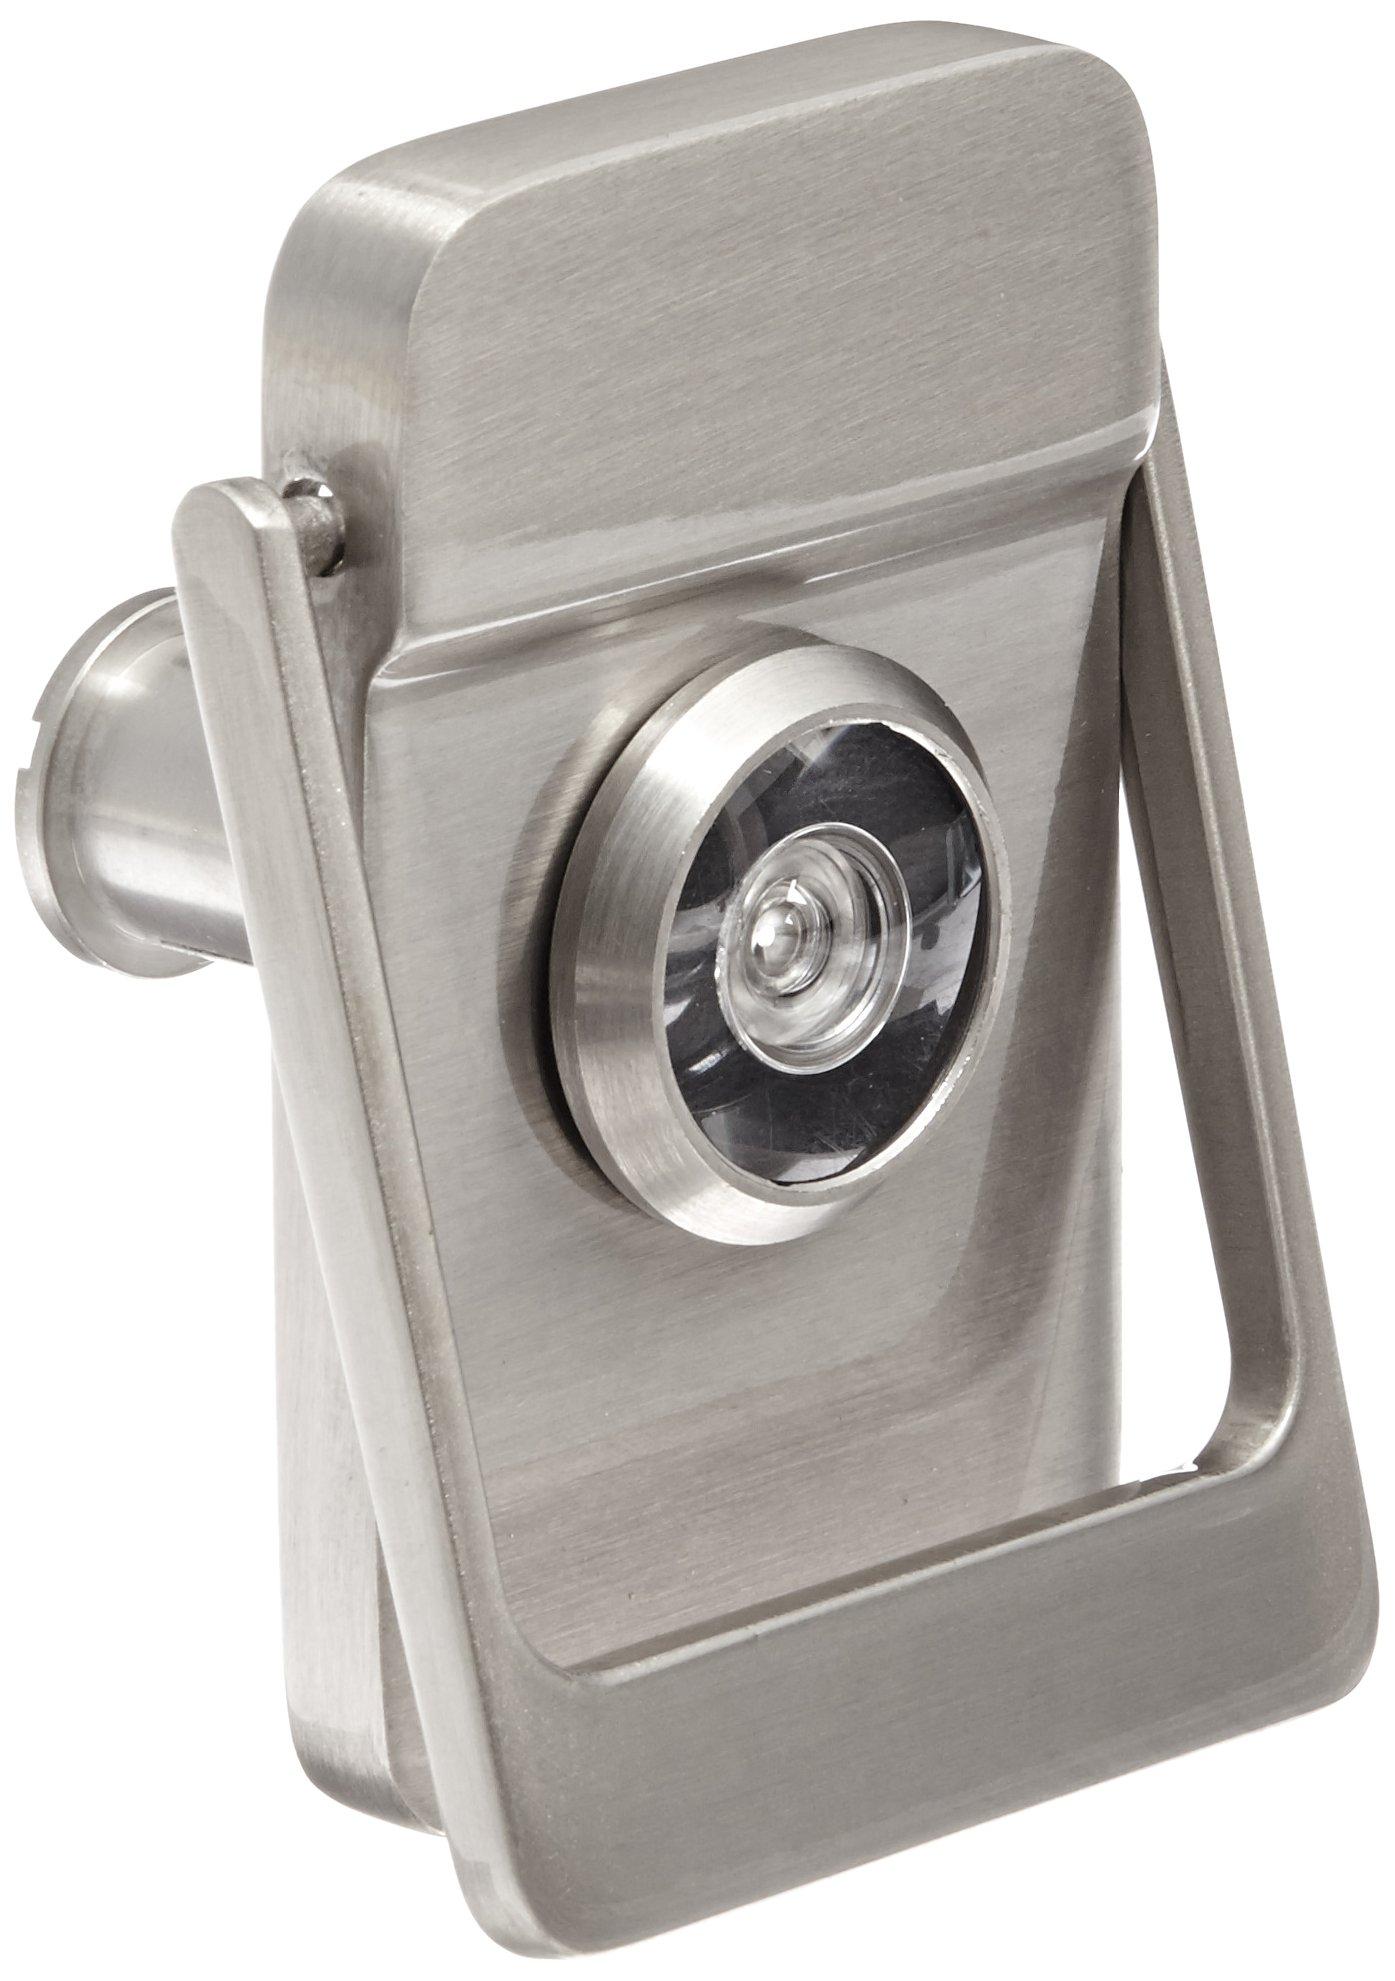 Superbe Get Quotations · Rockwood 614V.15 Brass Door Knocker With Door Viewer, 2 1/8